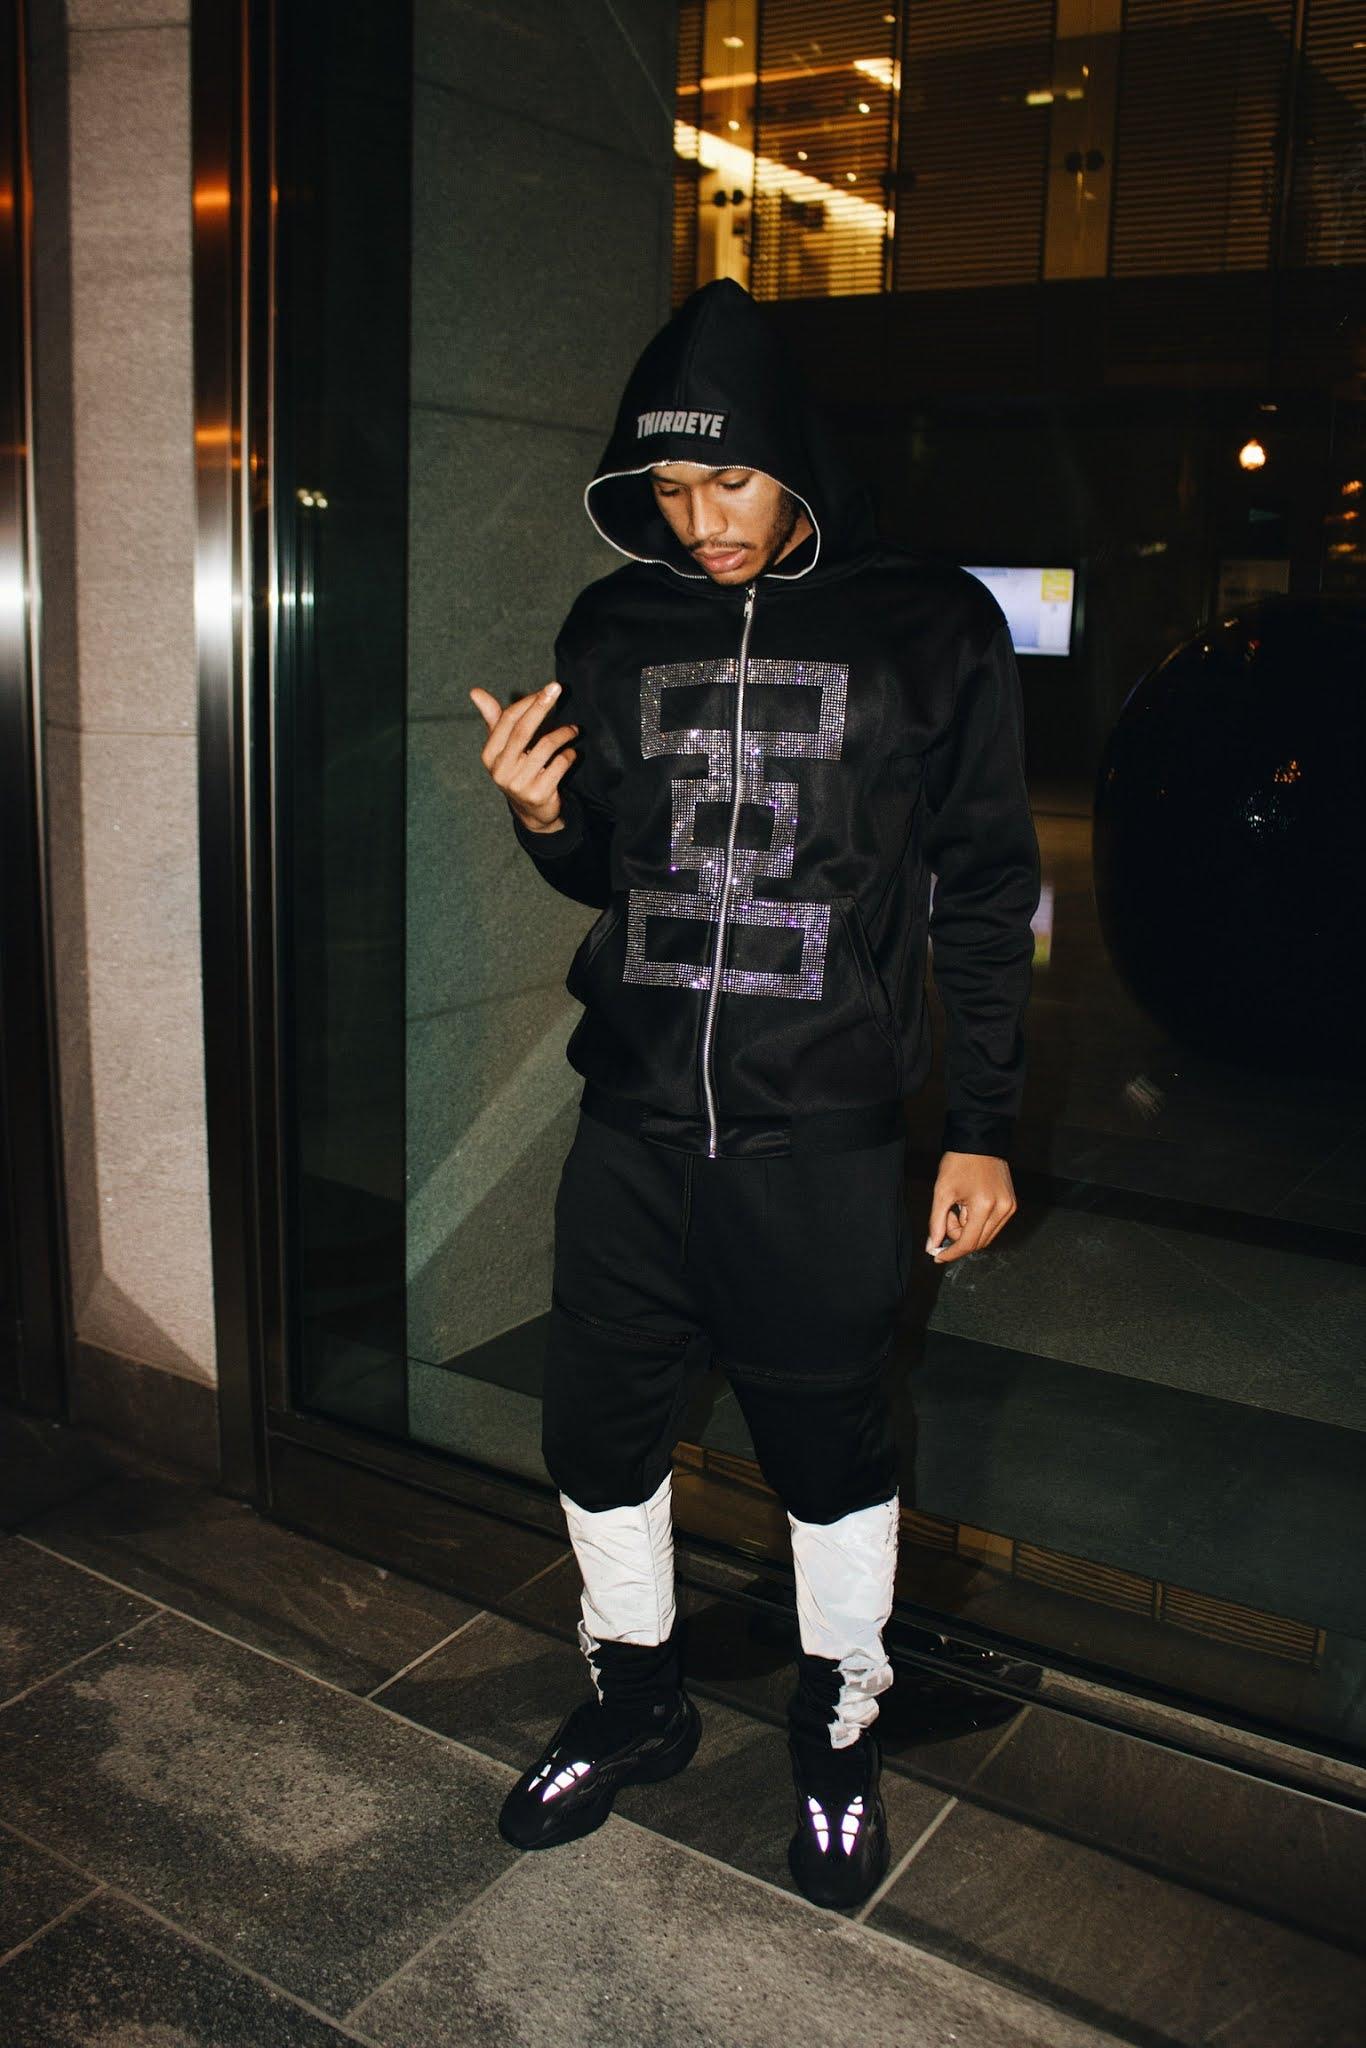 underground streetwear brand